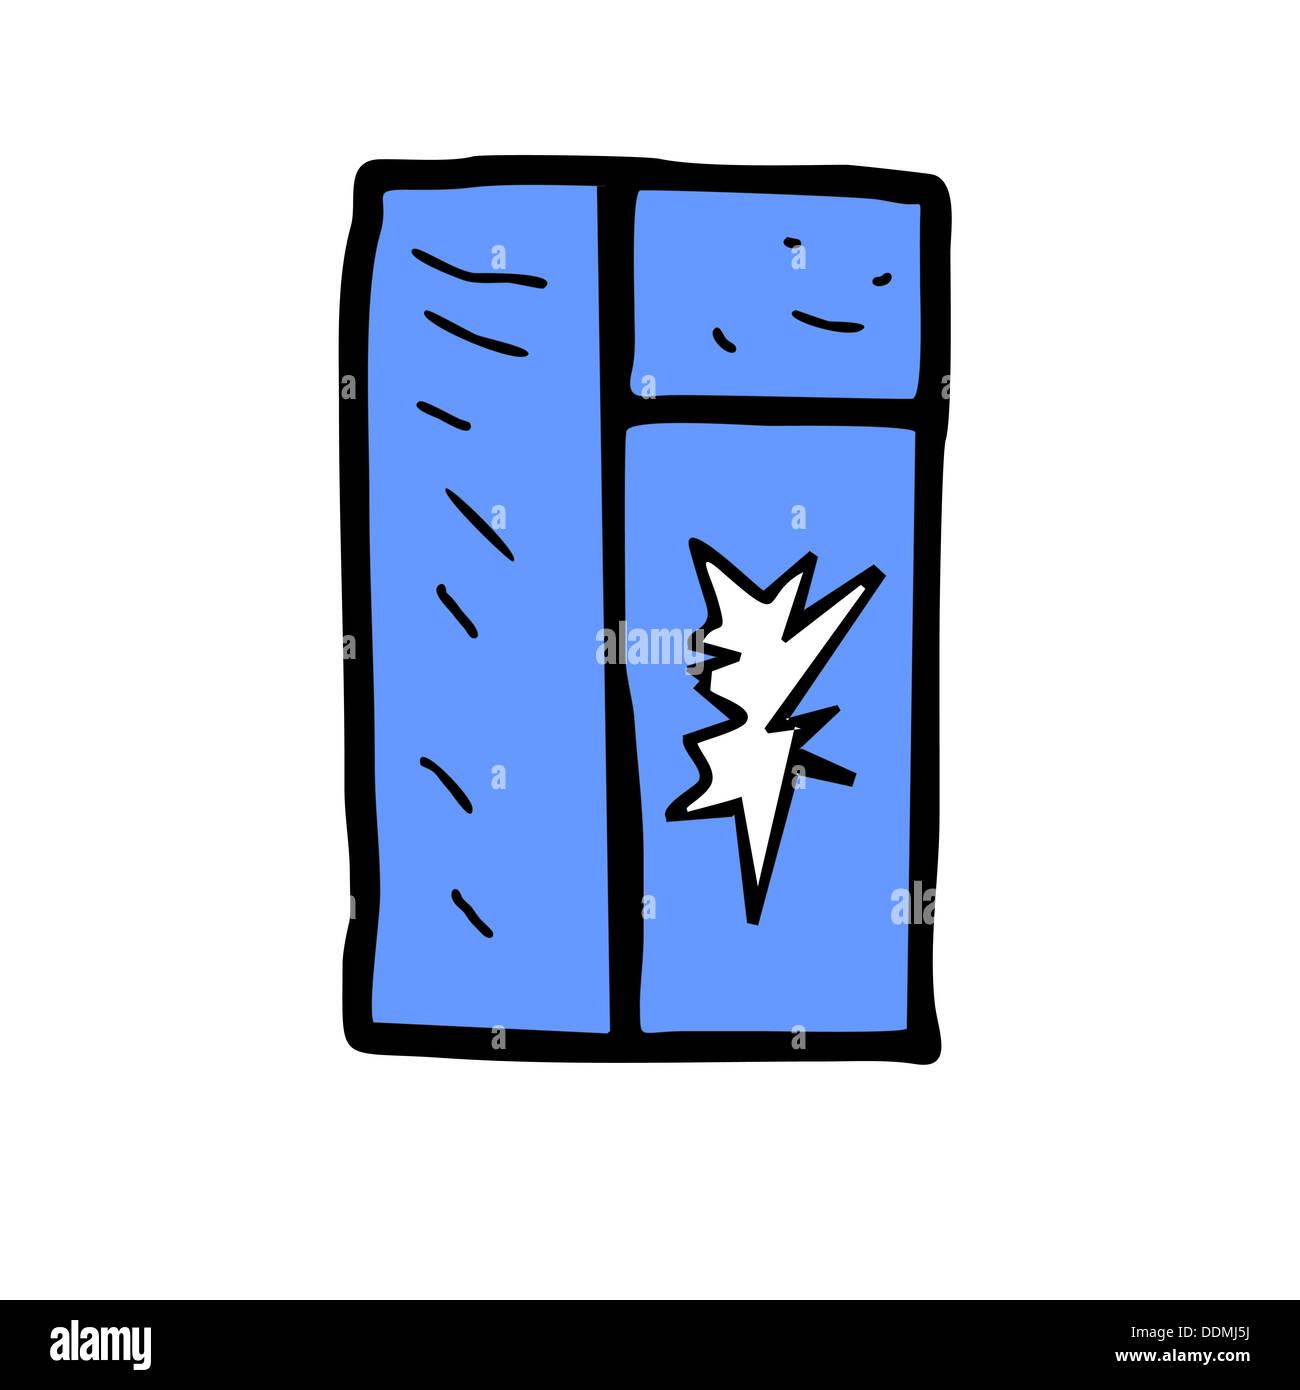 Broken window glass broken arm broken crack vector for Window glass design 5 serial number